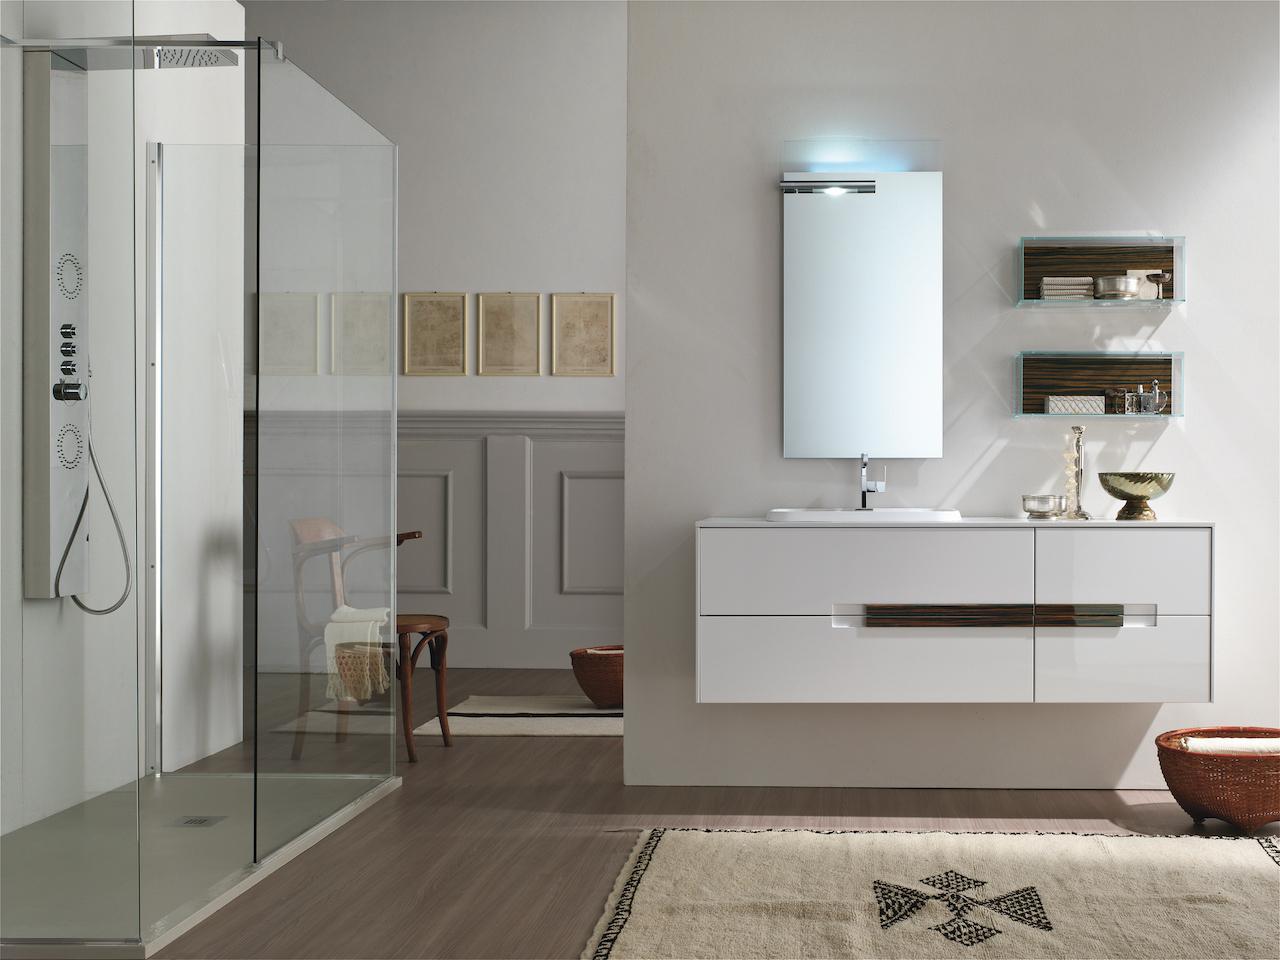 Nuovi stili per l arredo bagno - Costruire mobile bagno ...